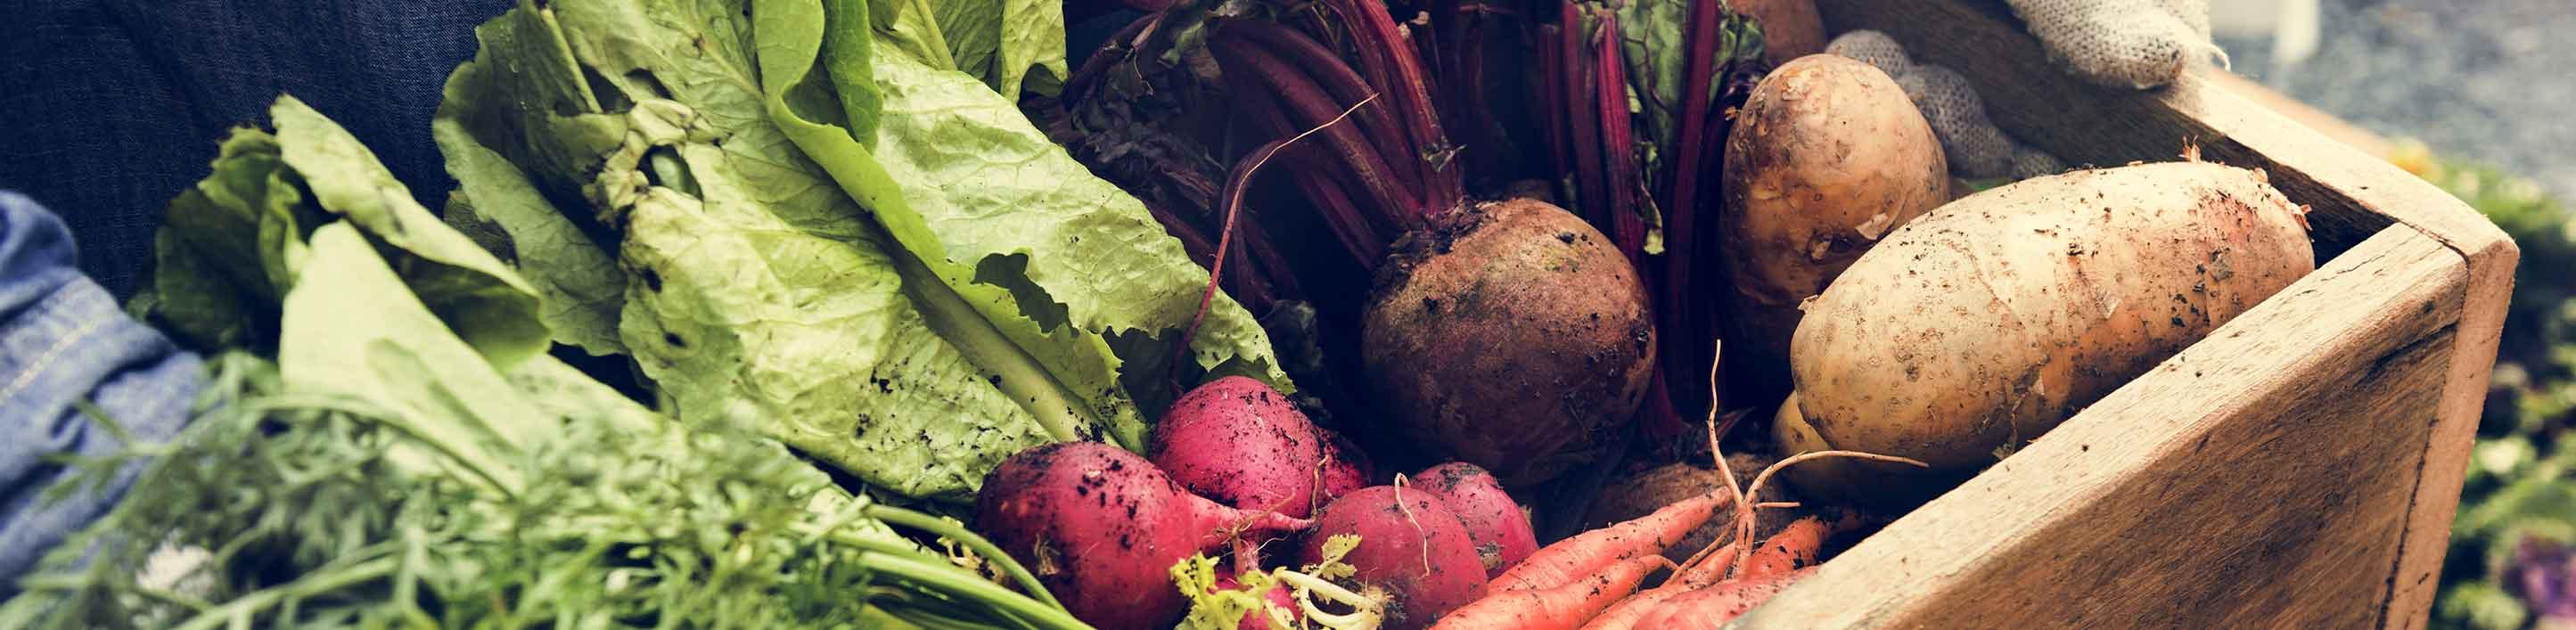 La filiera produttiva nell'agricoltura biologica